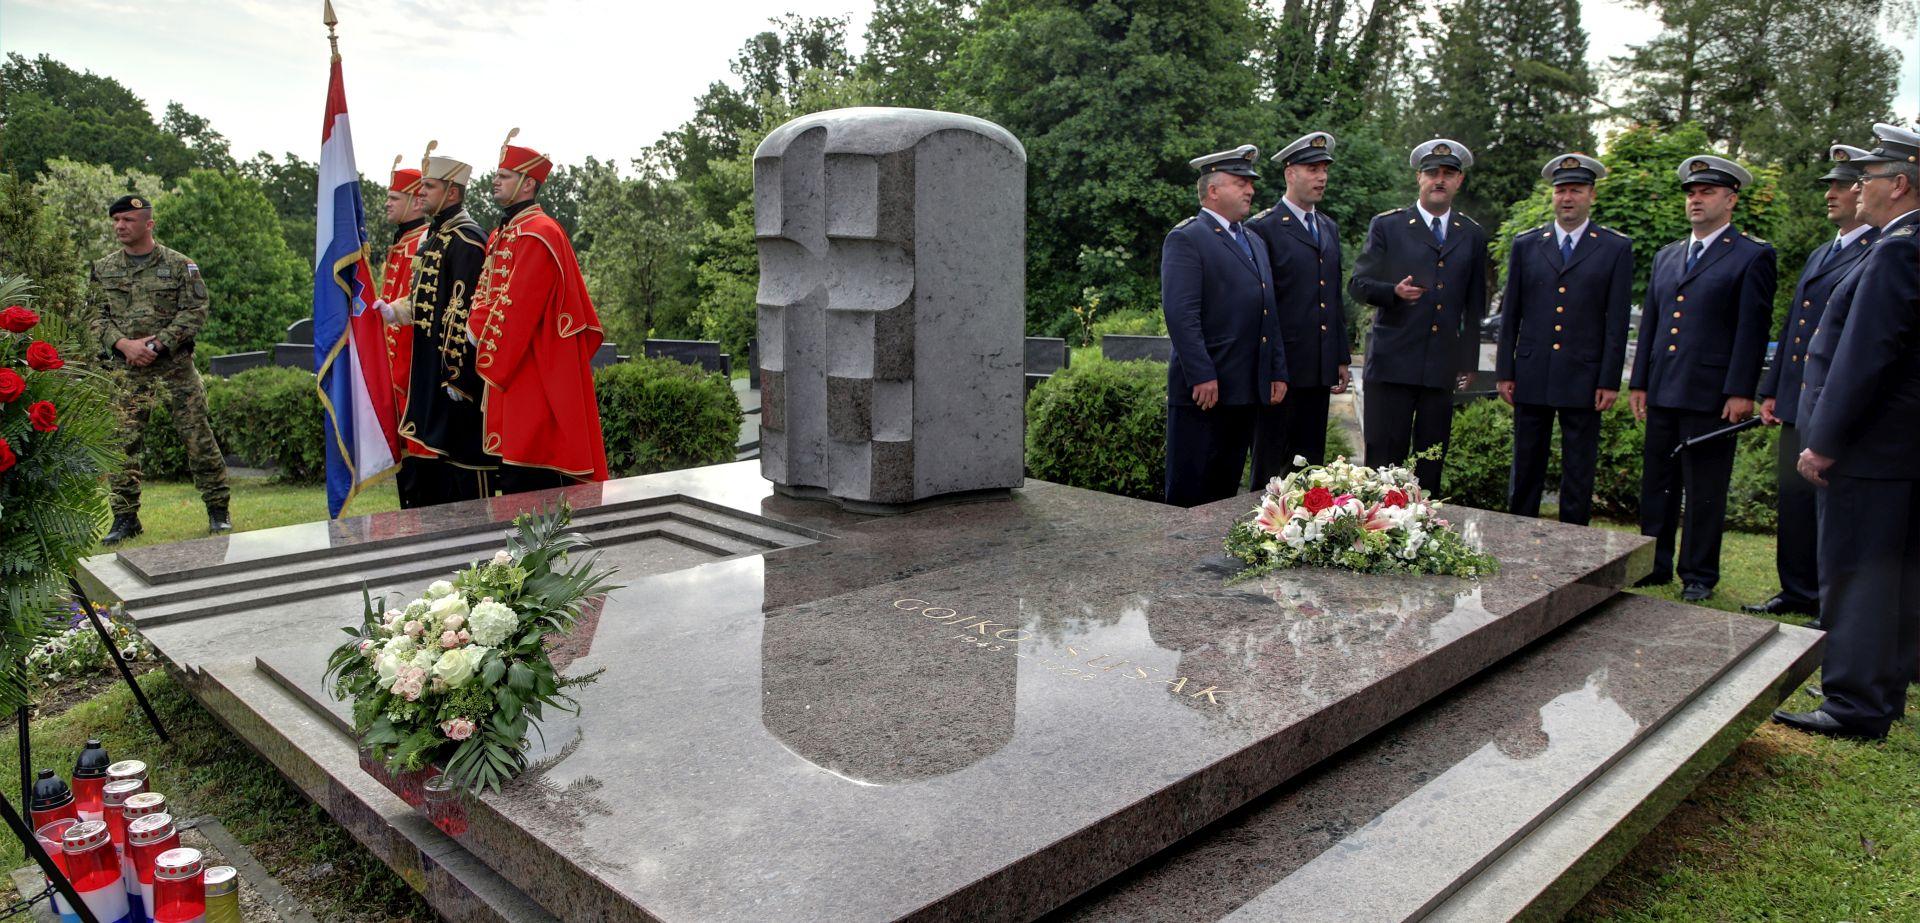 Obilježena 20. obljetnica smrti Gojka Šuška